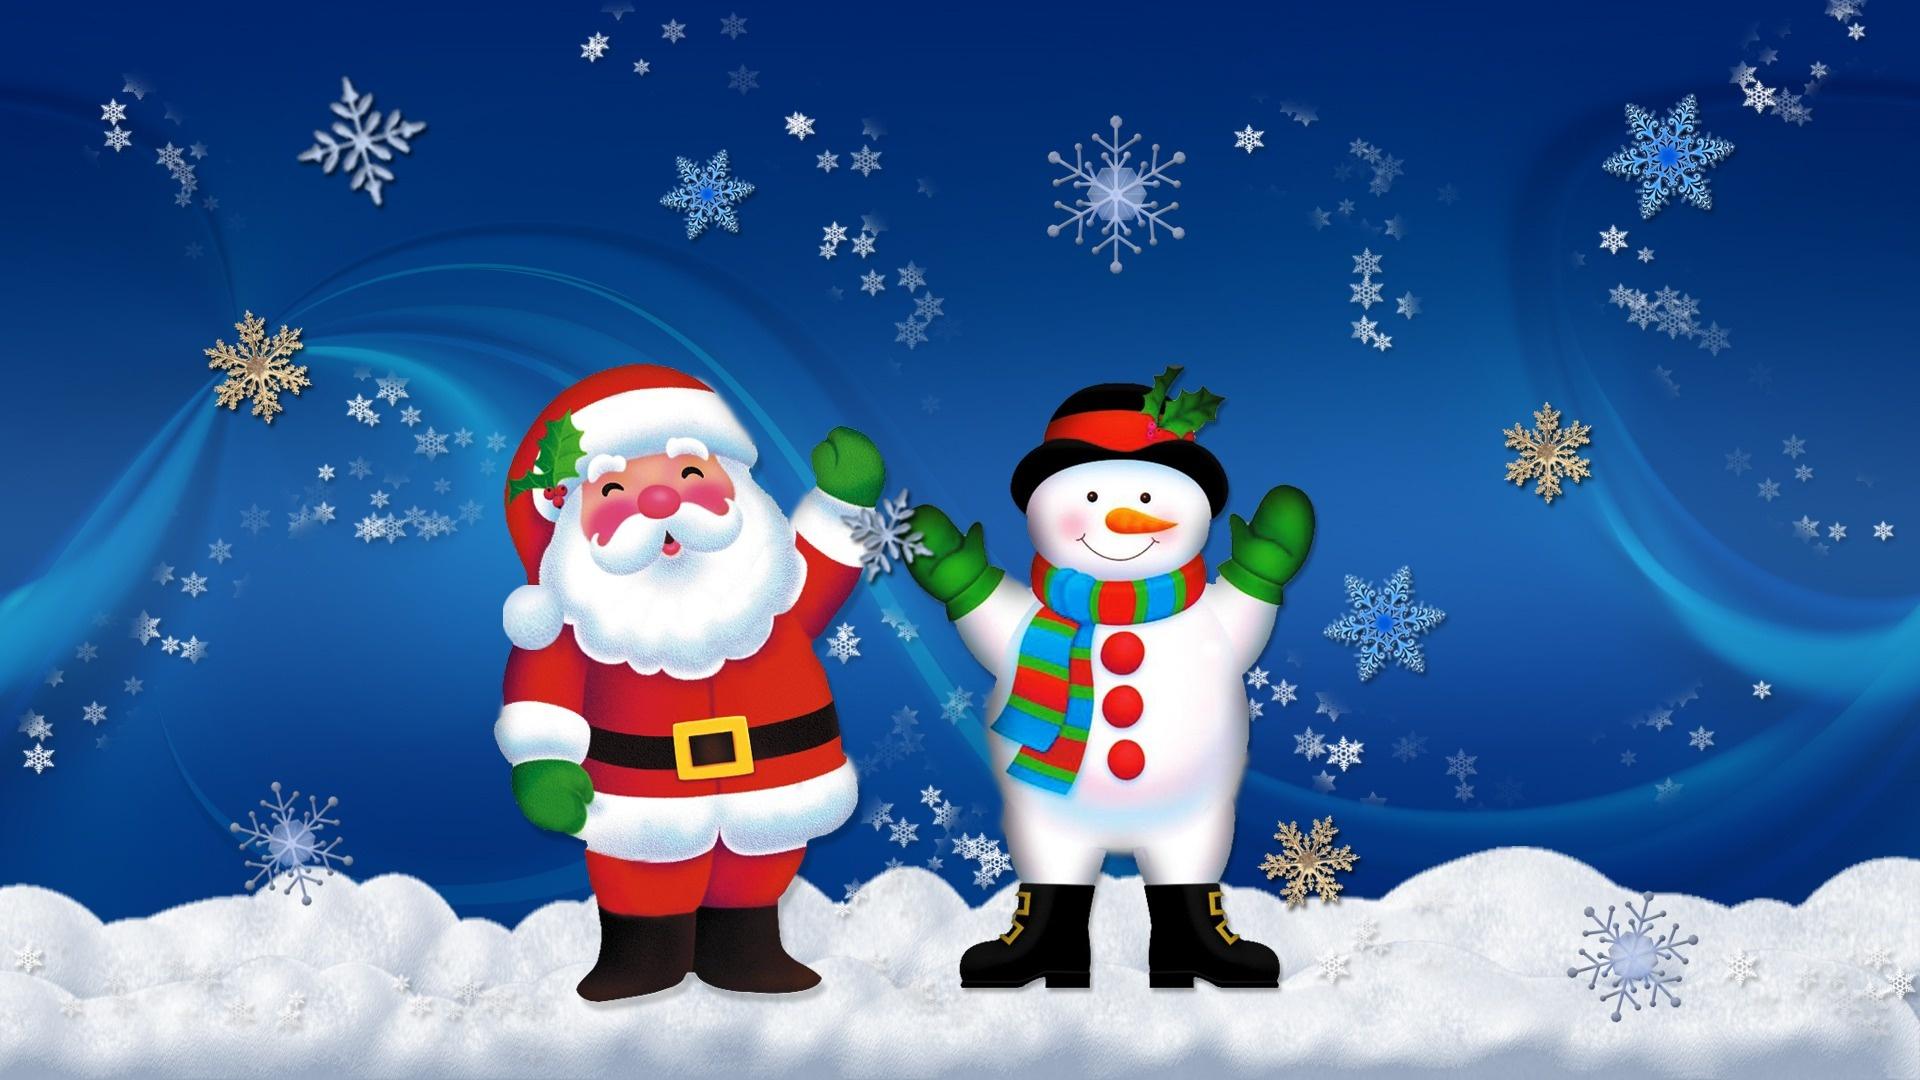 christmas screensavers 1920x1080